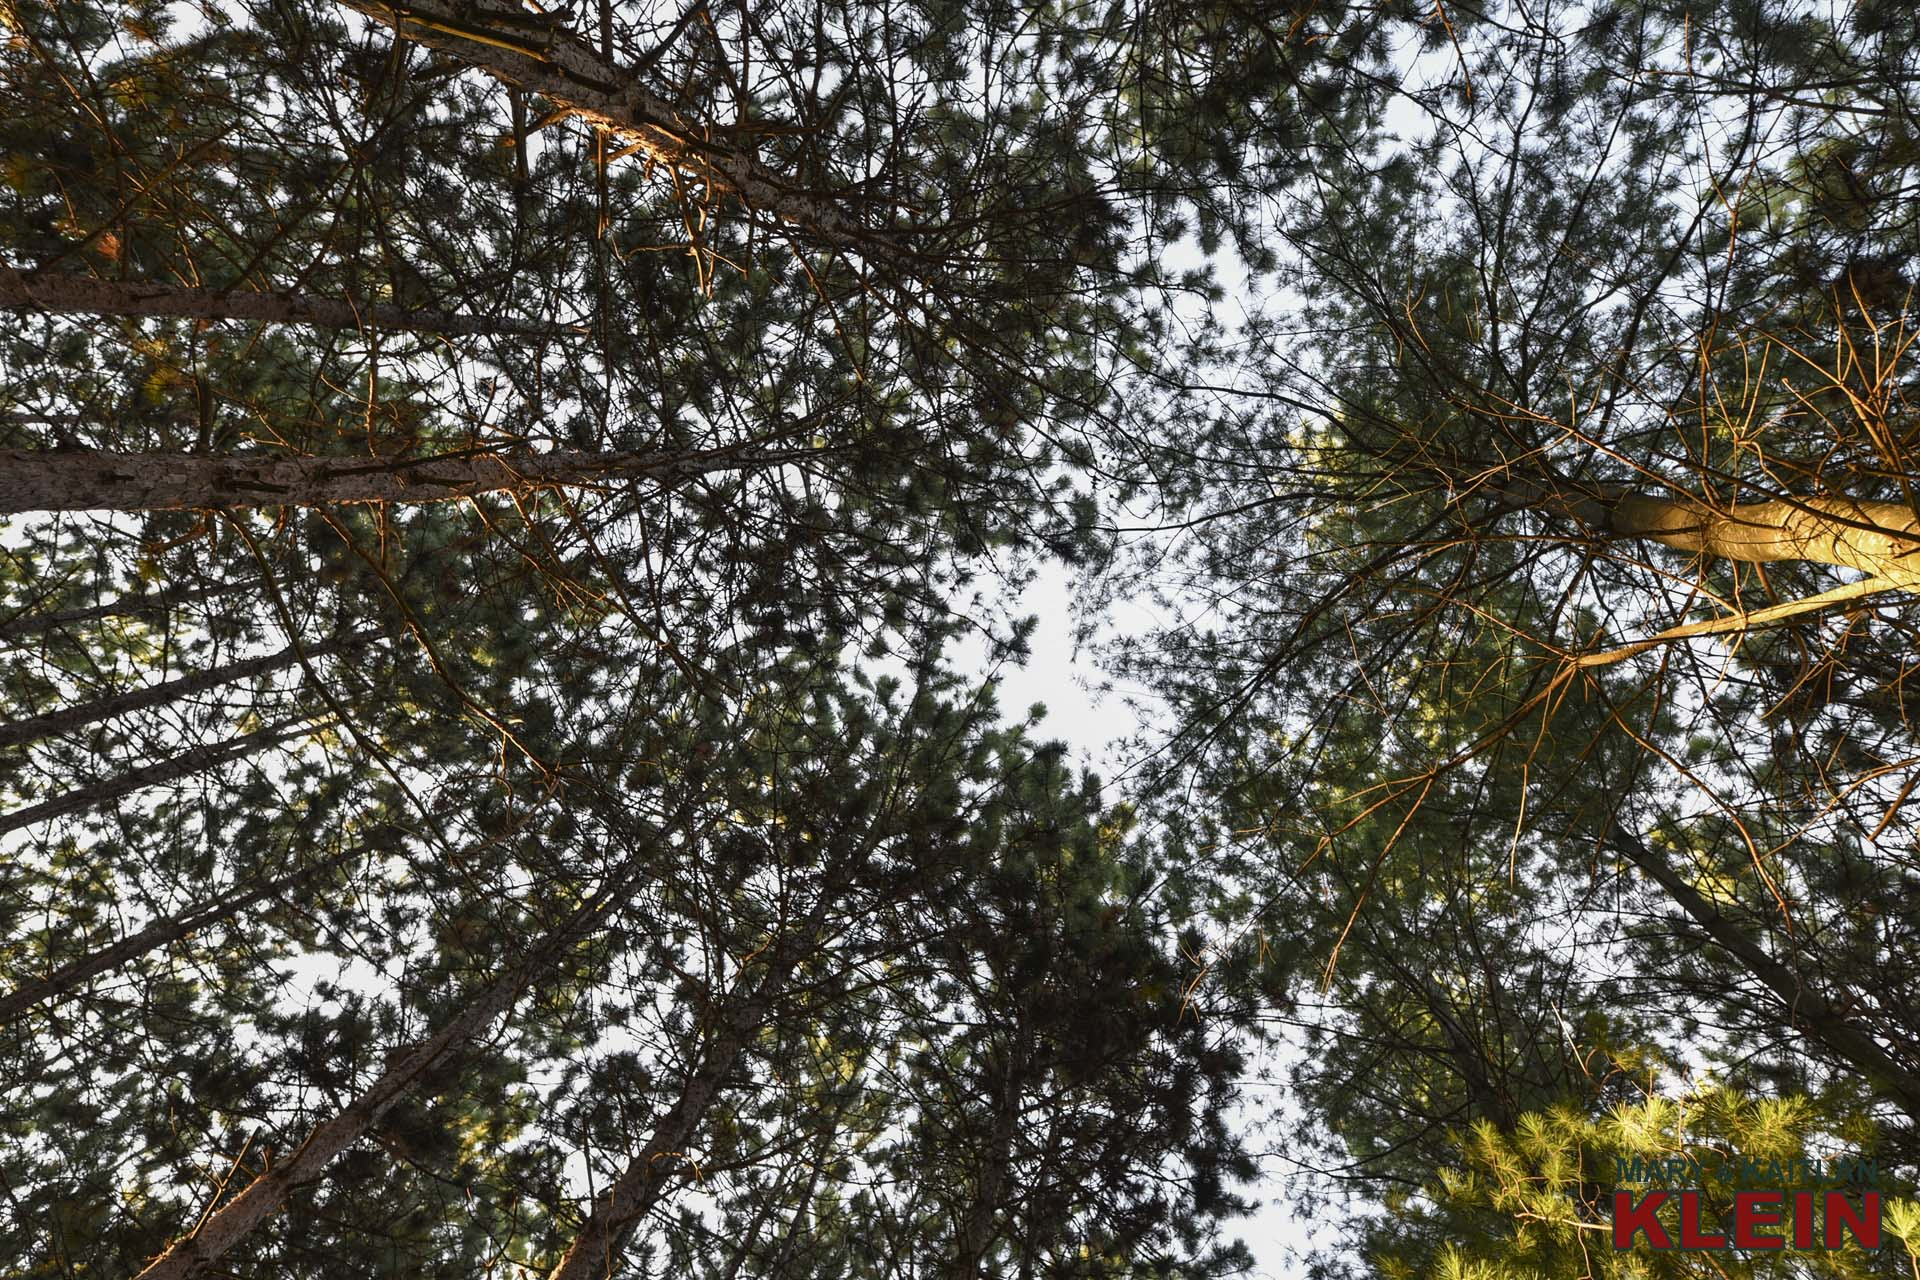 Tree Canopy, Mulmur, ON